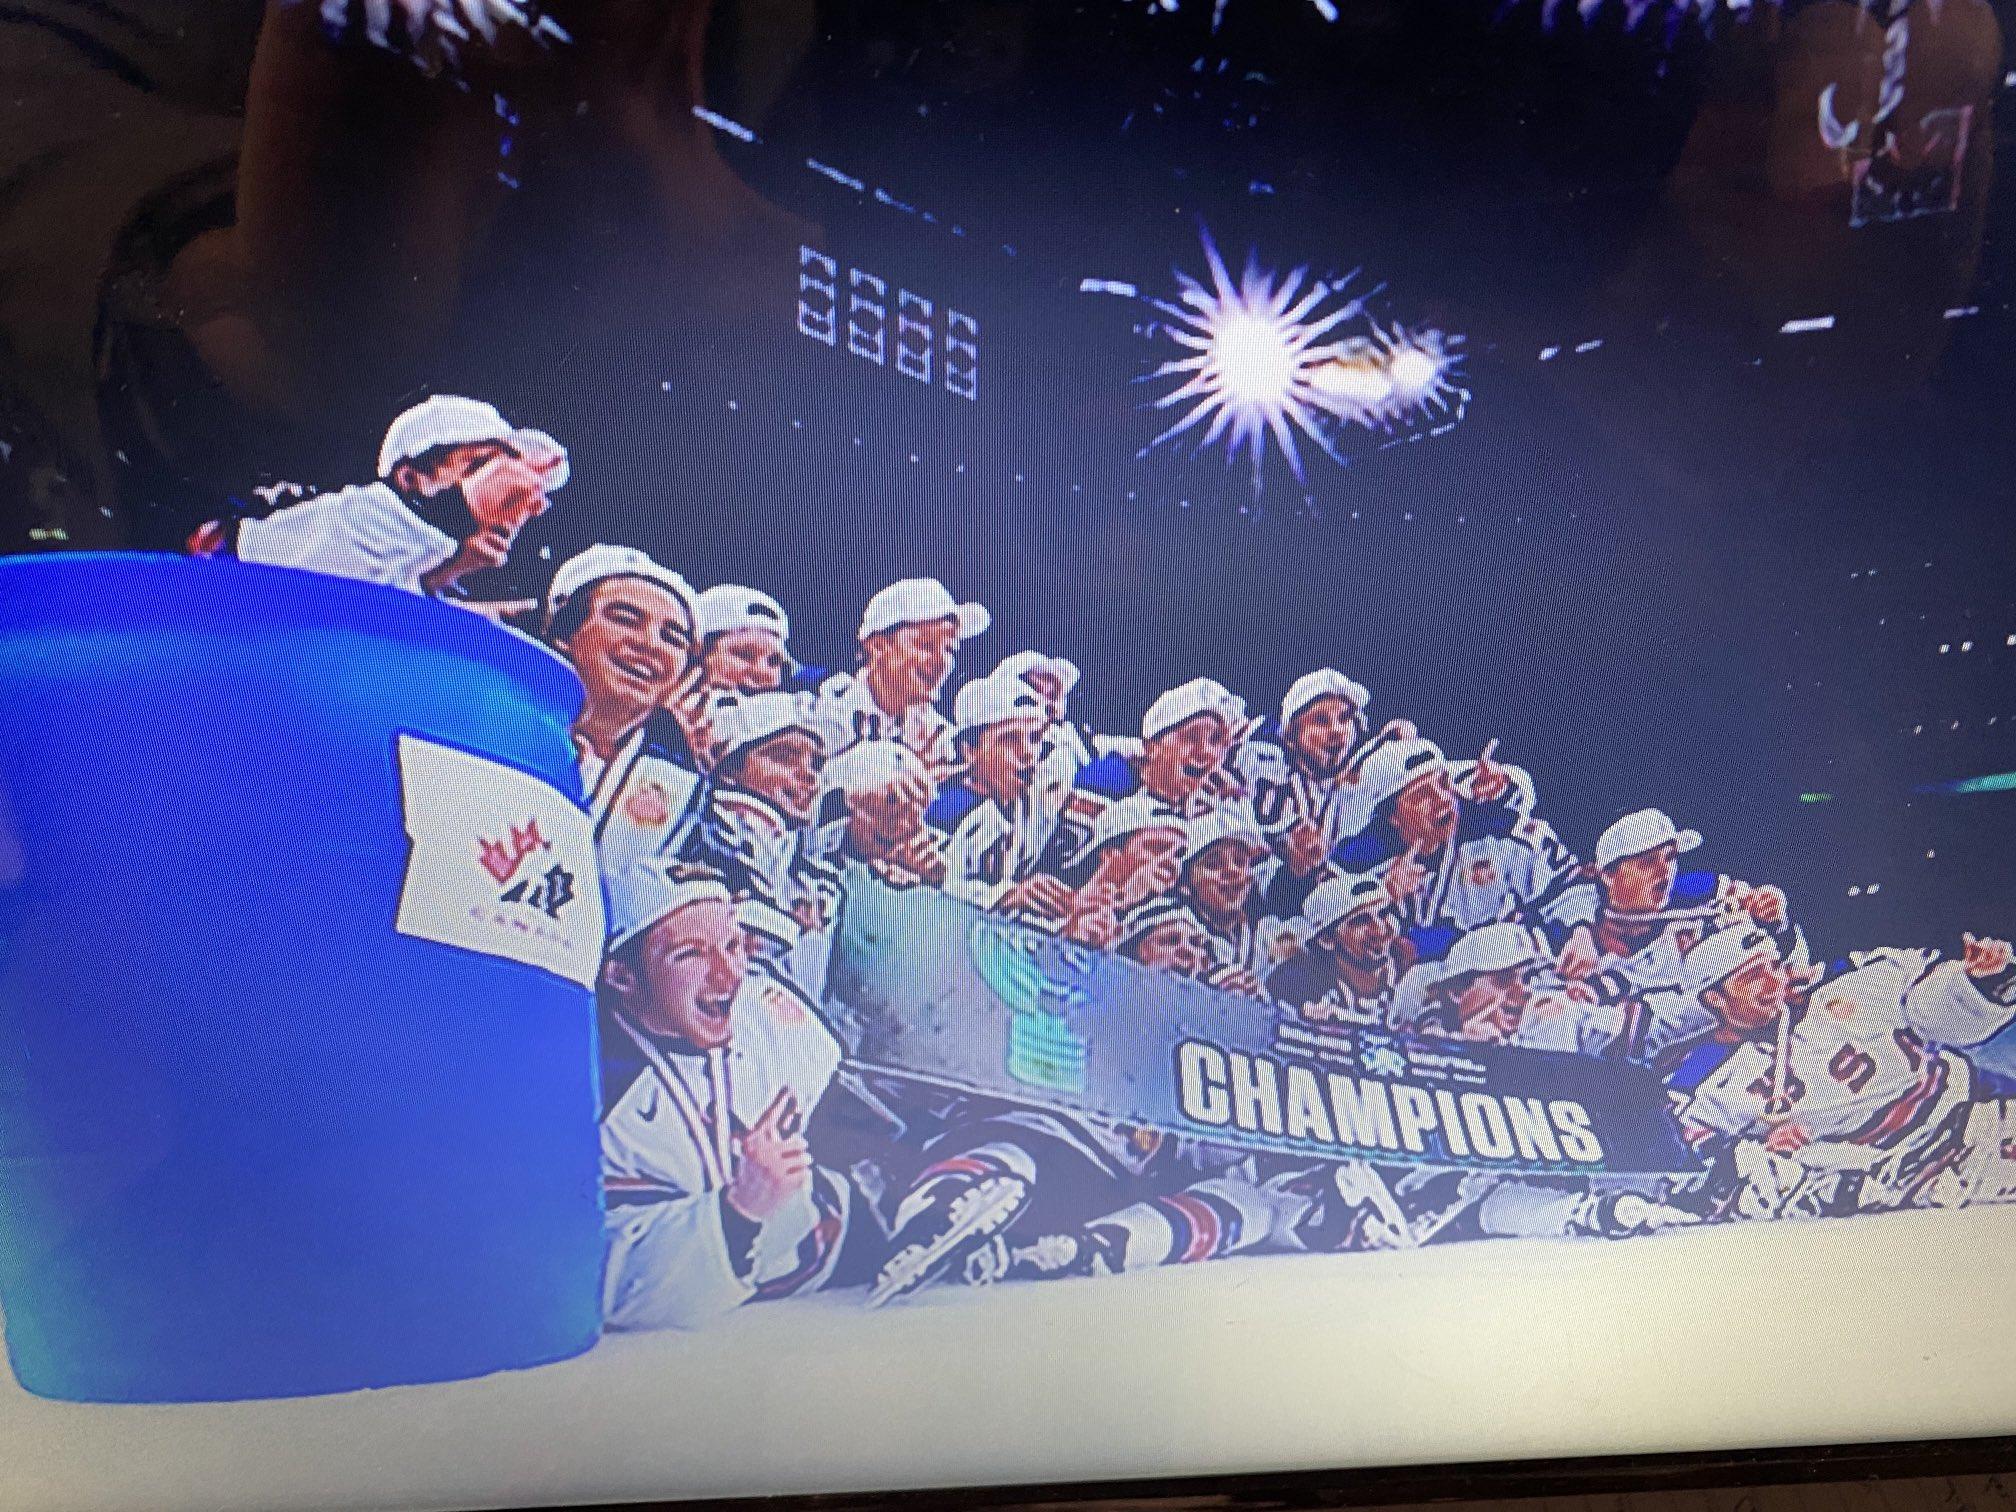 Сборная США после победы на МЧМ сфотографировалась с мусорным баком с логотипом Канады